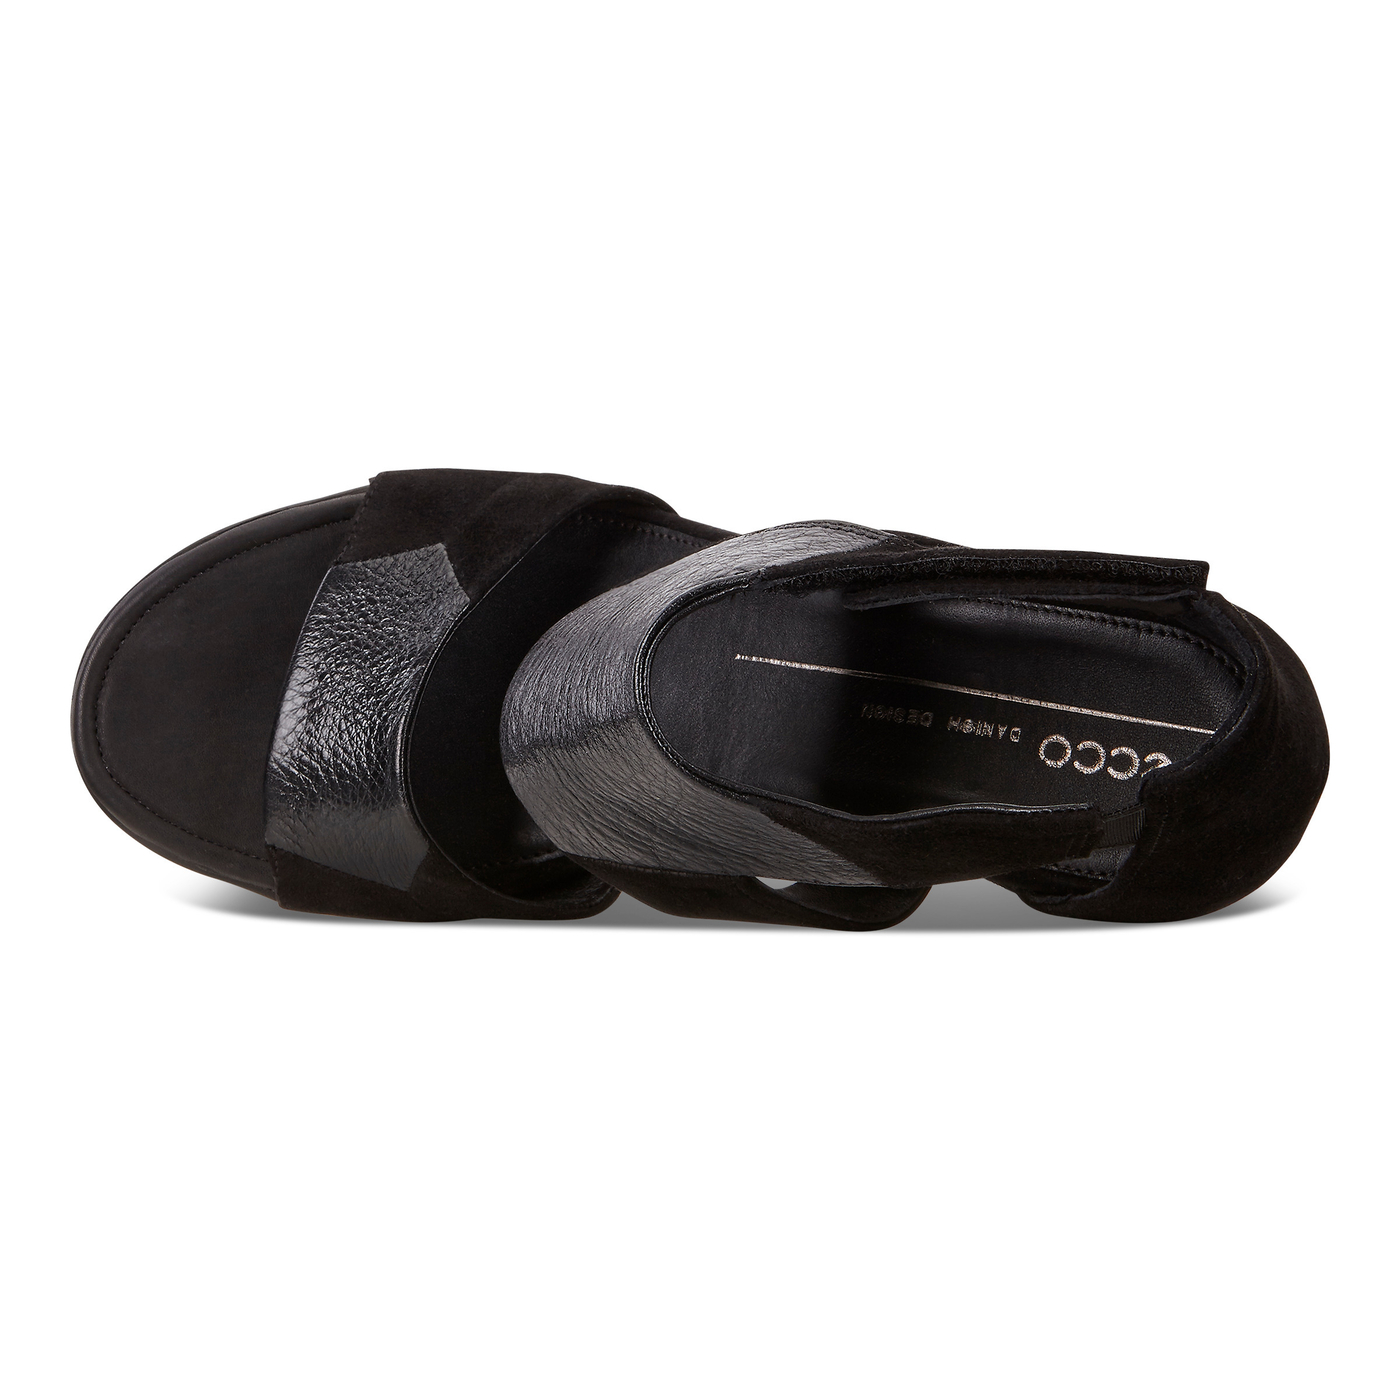 Sandale compacte ECCO Shape 65 avec lanière àla cheville